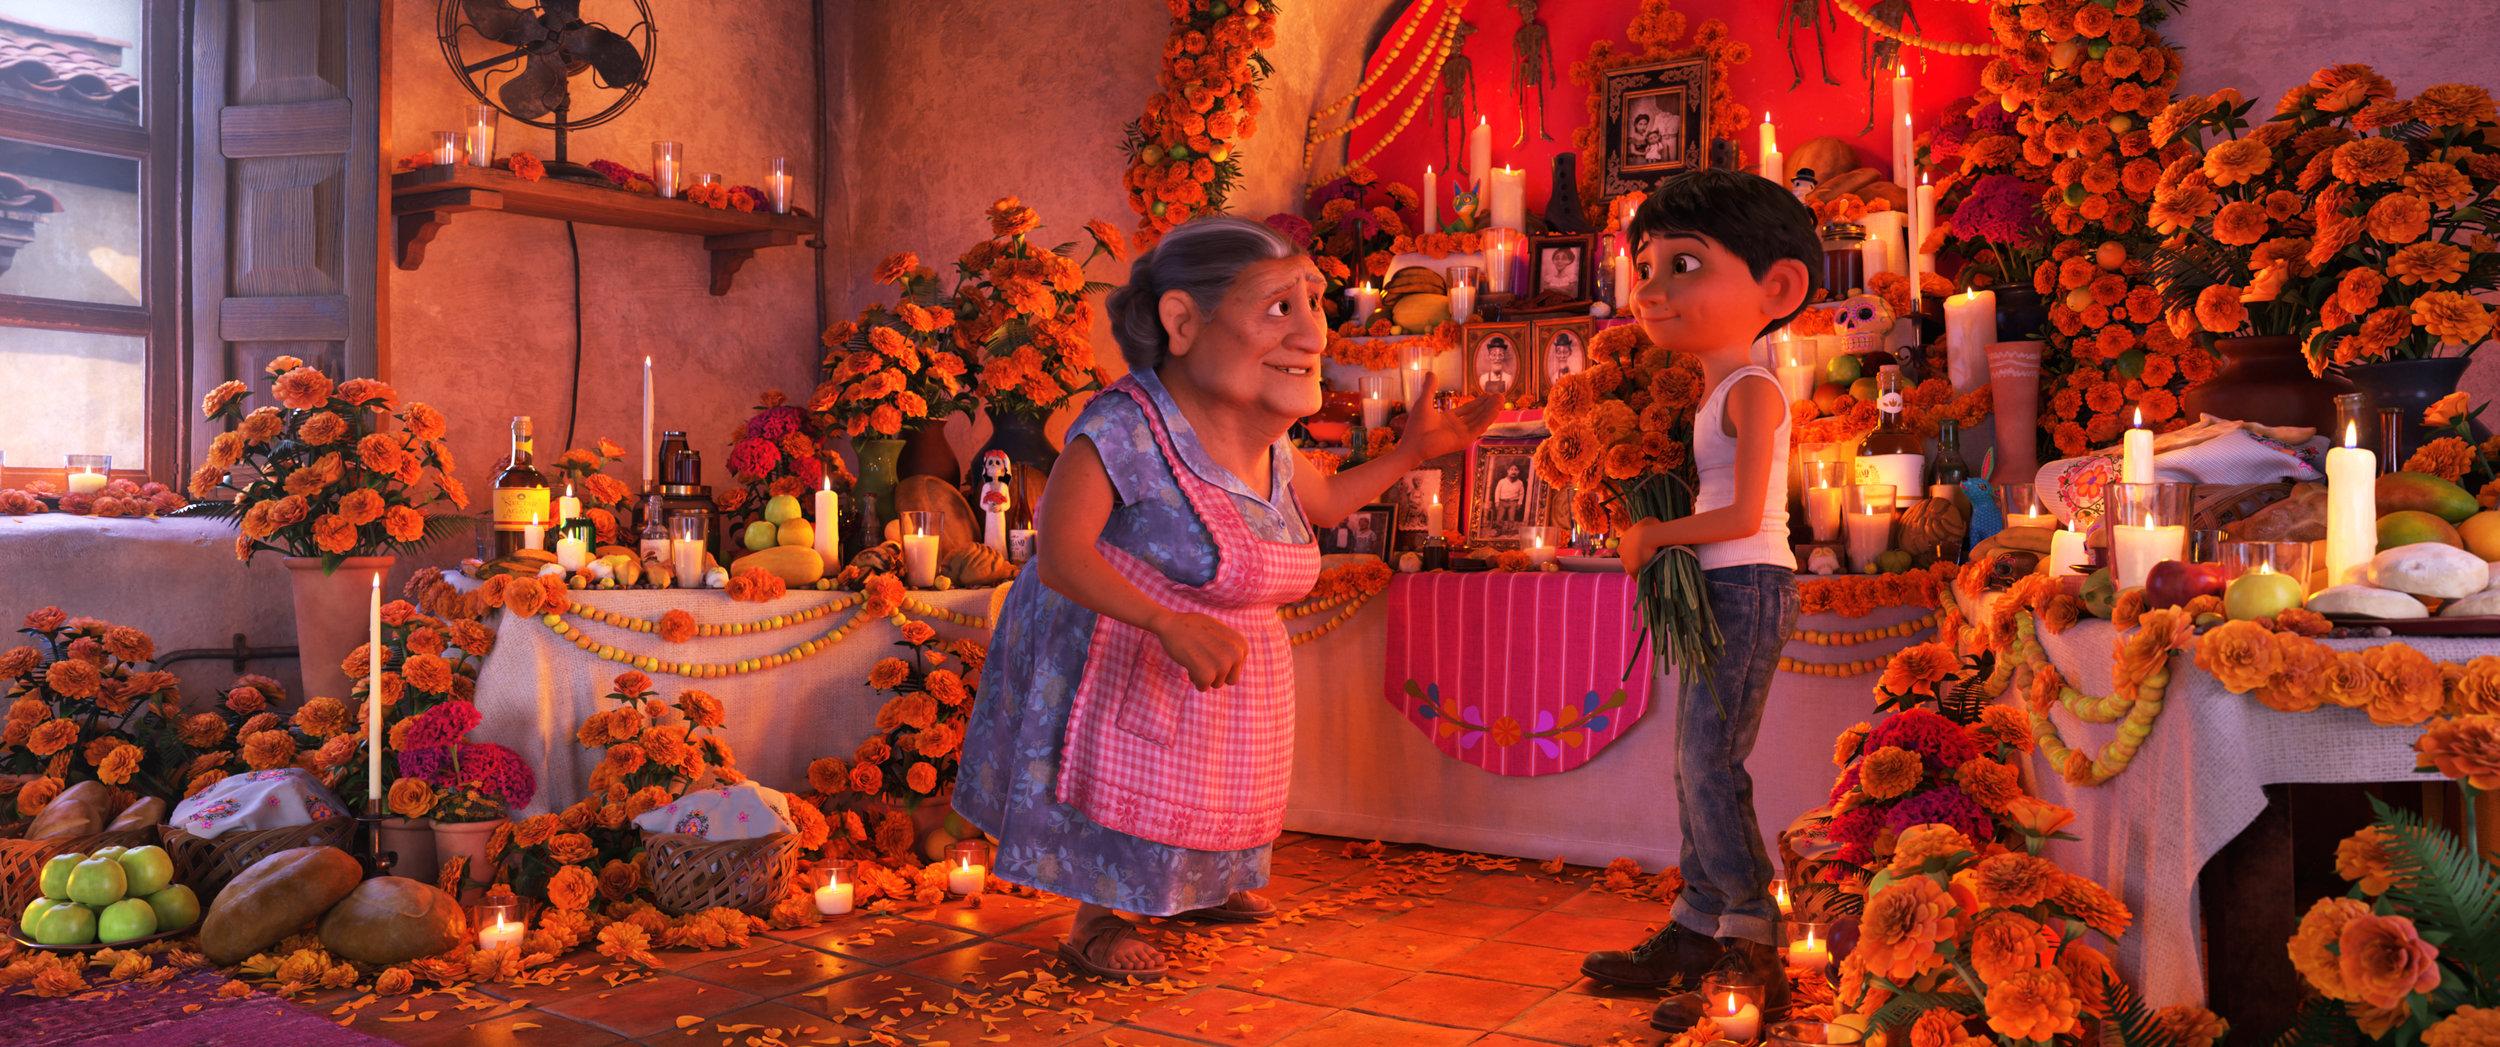 Bestemoren til Miguel har sørget for å bygge et overdådig alter for de døde i familien, unntatt tippoldefaren.